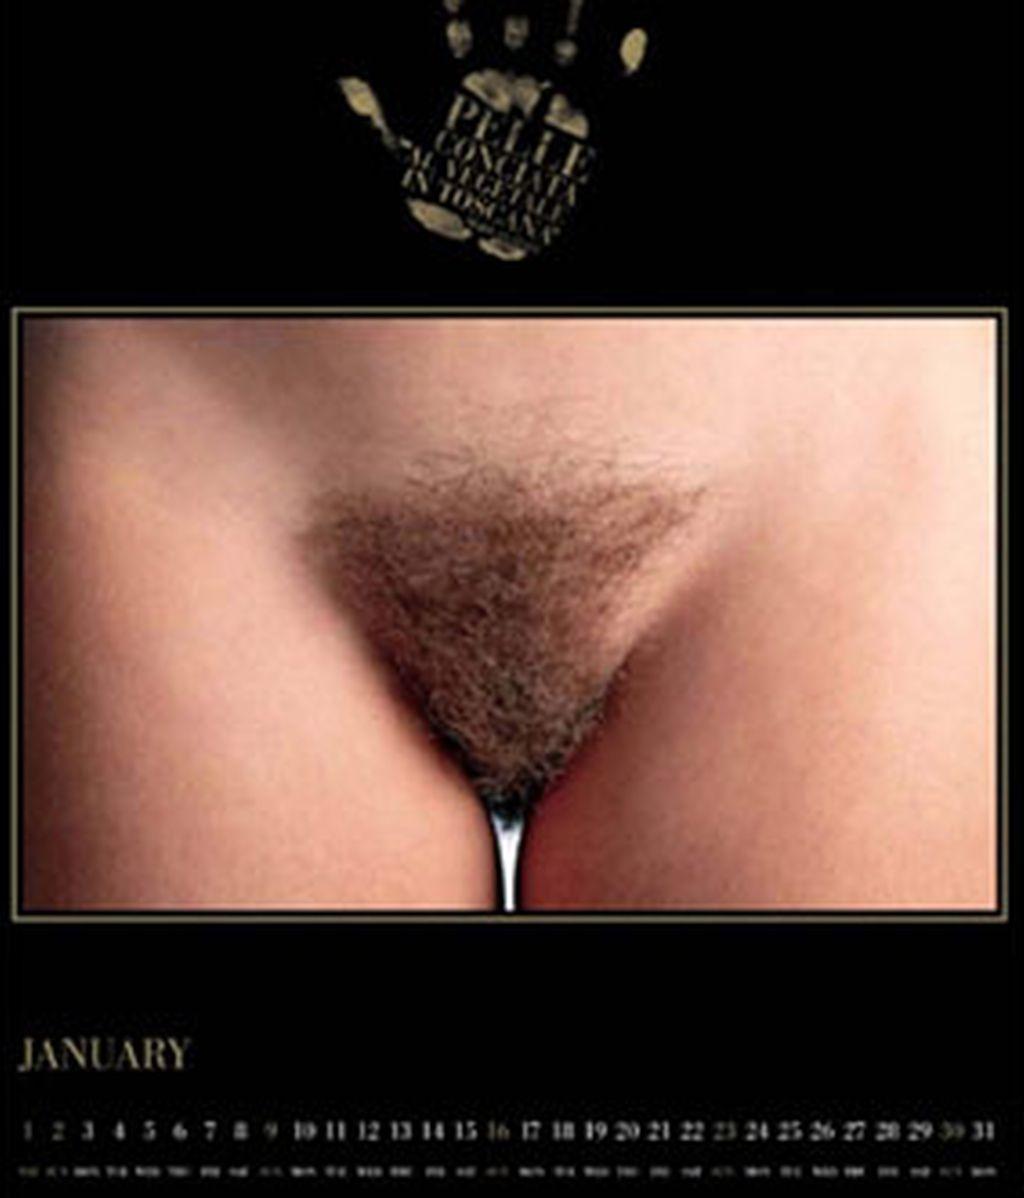 La imagen del mes de enero.